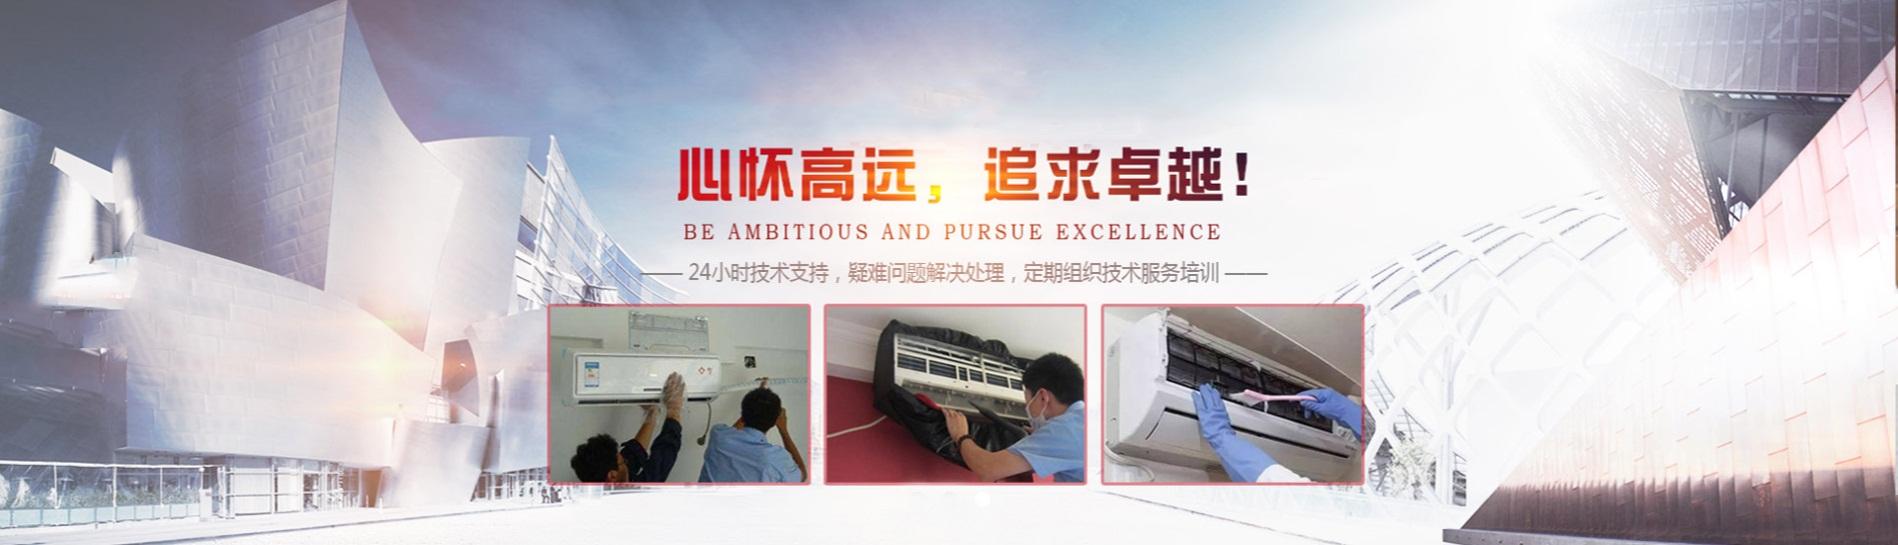 北京空调维修保养